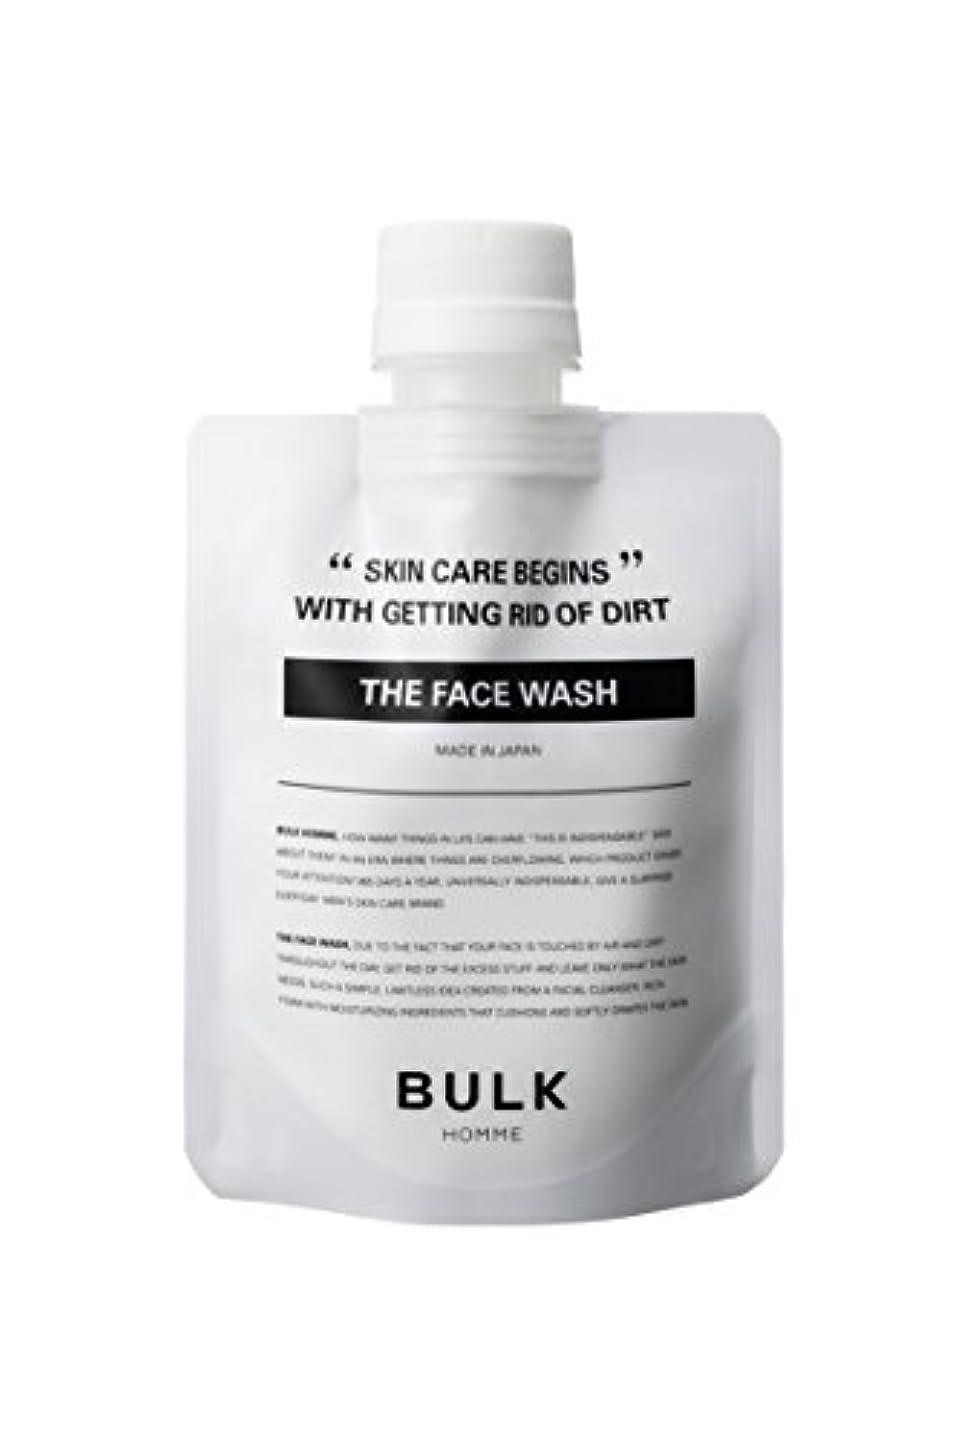 称賛想像する英語の授業がありますBULK HOMME THE FACE WASH 洗顔料 100g